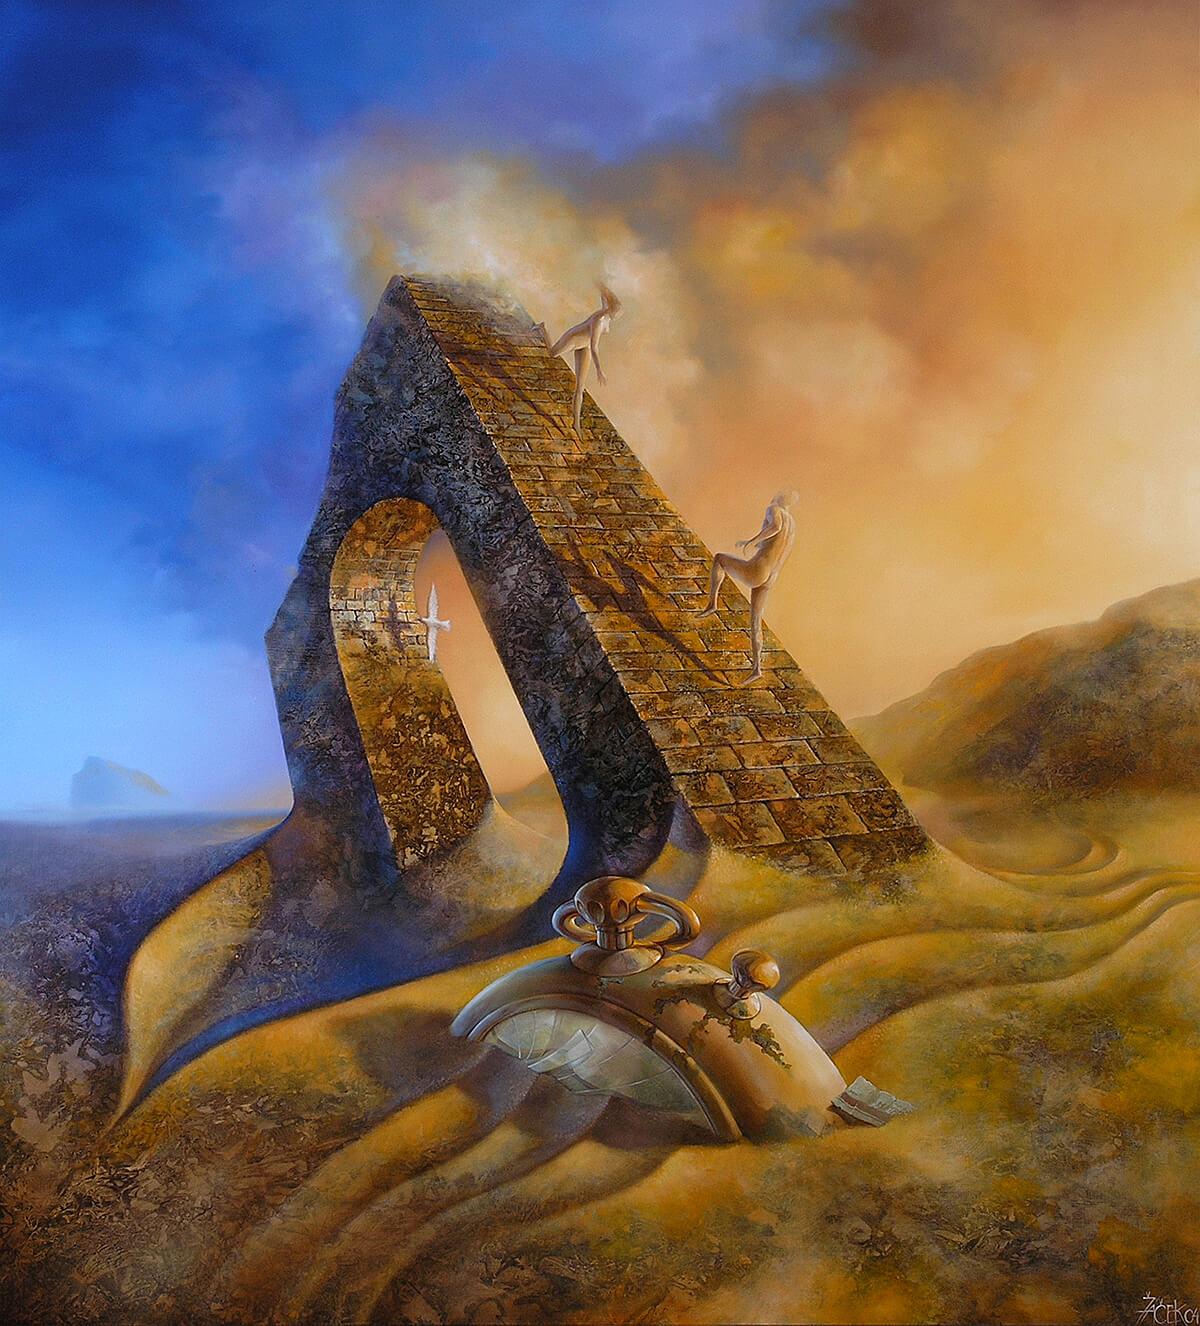 oil on masonite, 100 x 92 cm, 2004